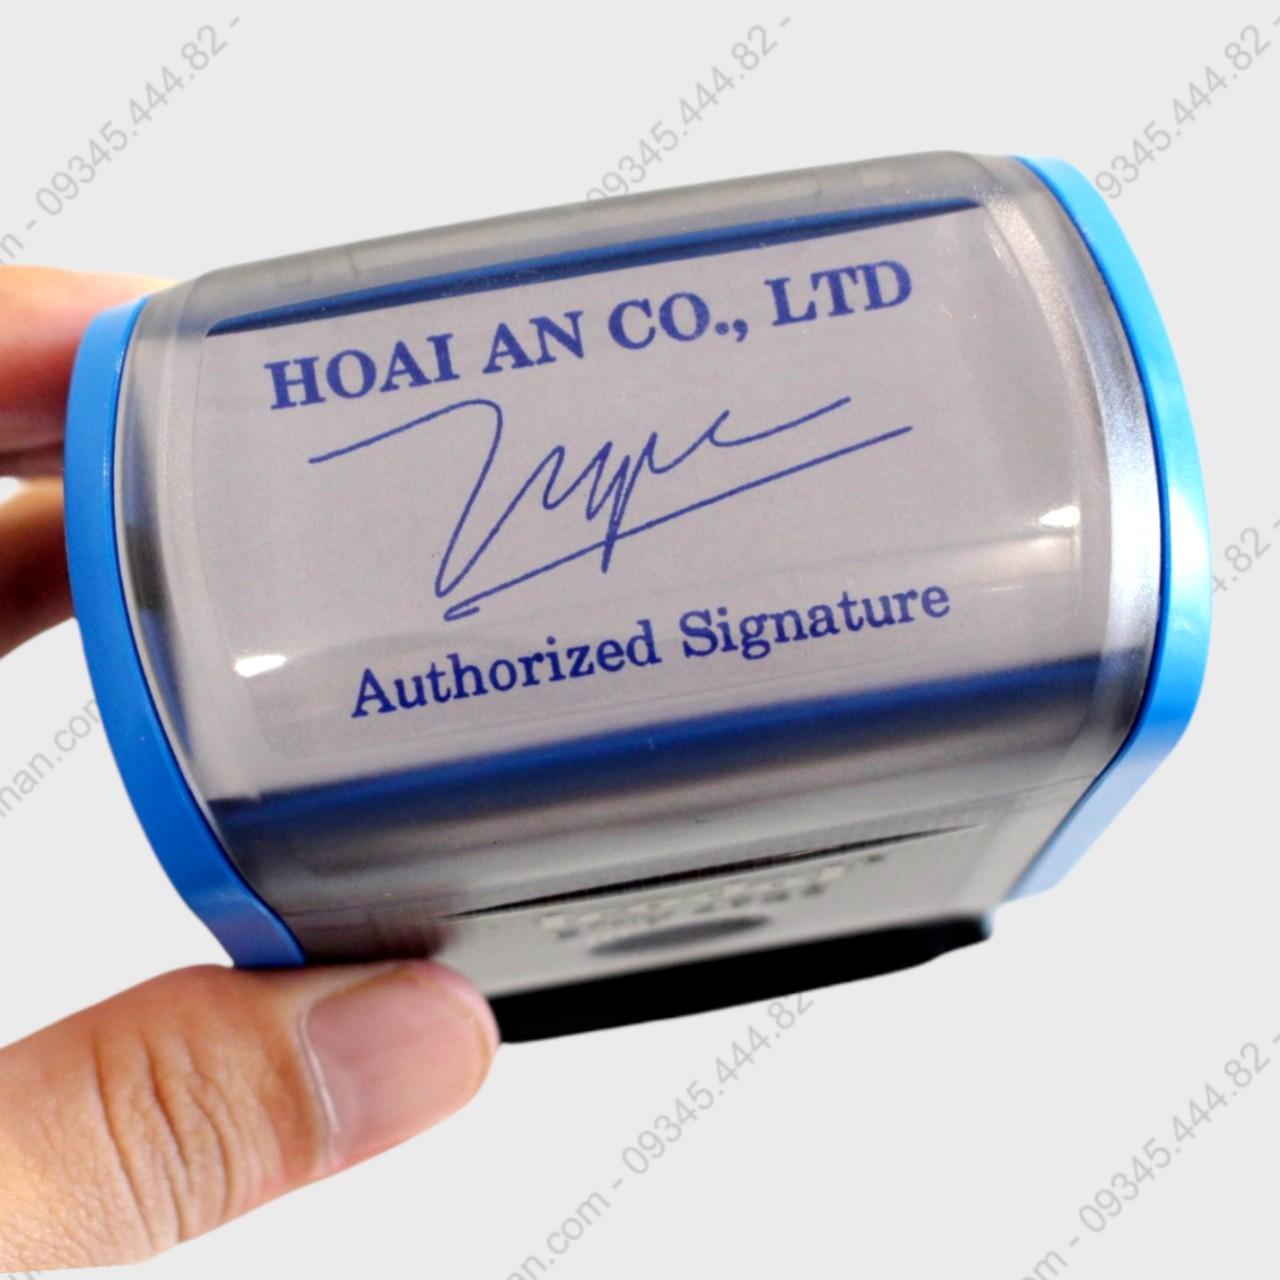 Khắc dấu chữ ký giá rẻ thiết kế theo yêu cầu, con dấu chữ ký được thiết kế tỷ mỉ nét mềm mại luôn được khách hàng lựa chọn.